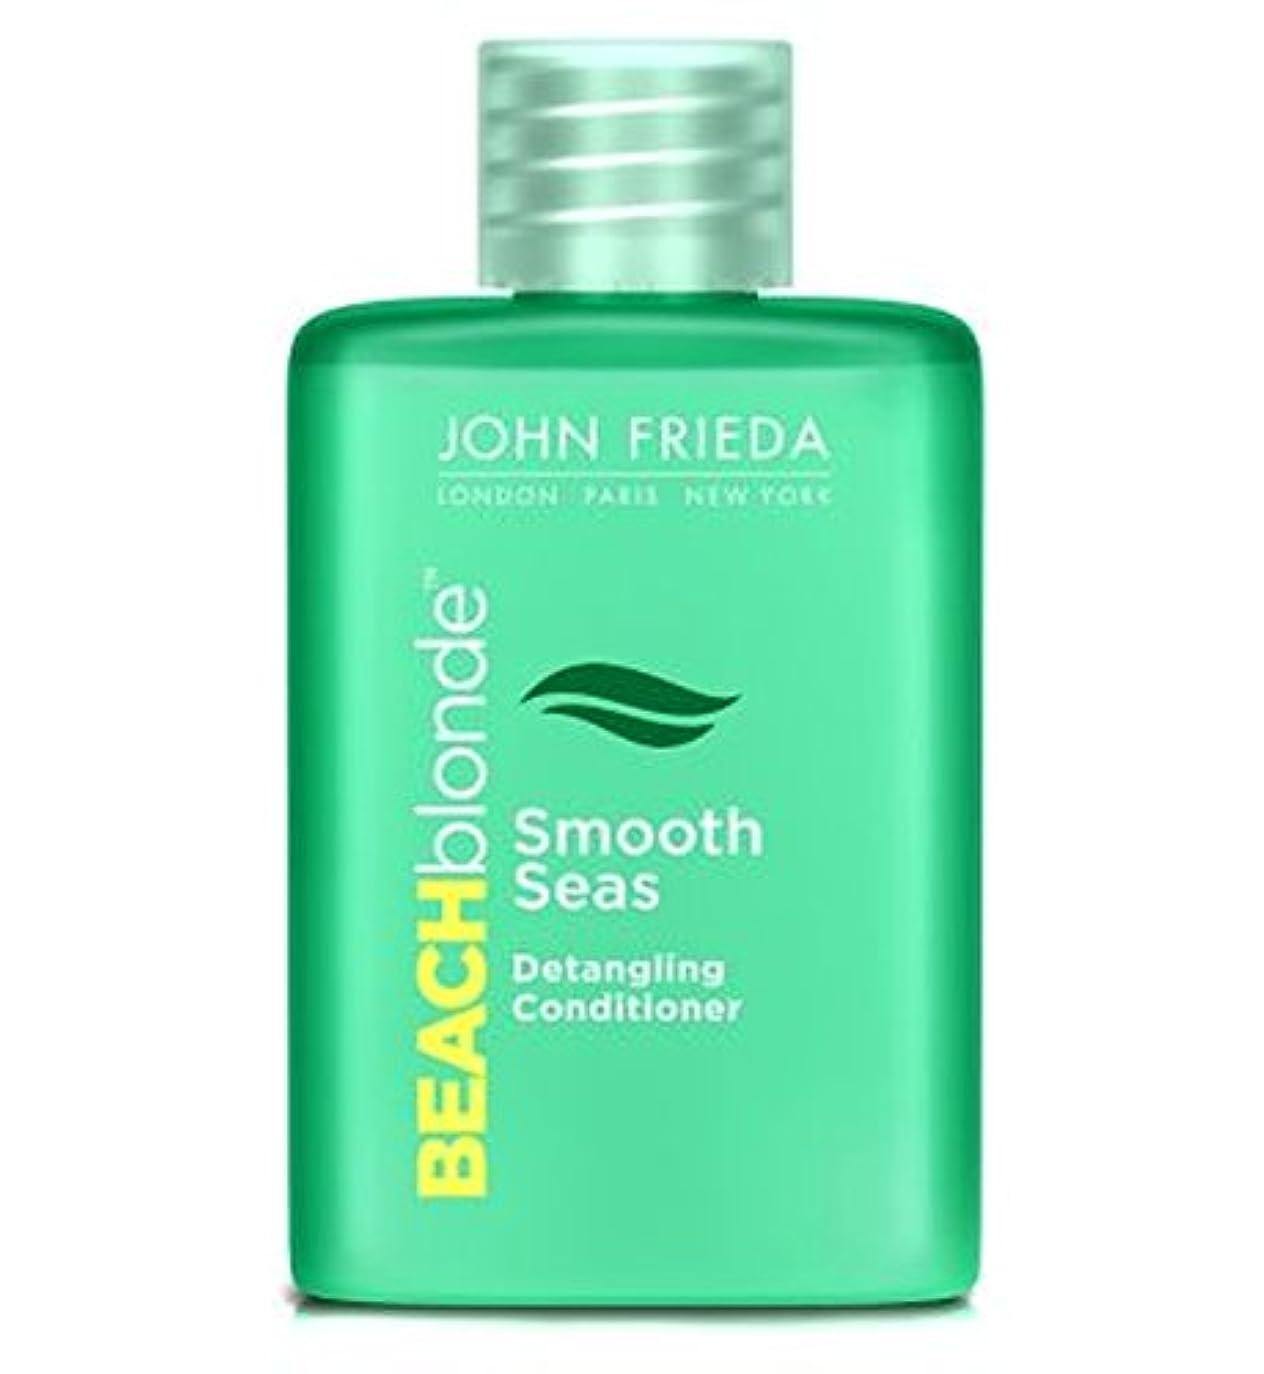 エイリアン入力埋めるJohn Frieda? Beach Blonde Smooth Seas Detangling Conditioner 50ml - コンディショナー50ミリリットルをもつれ解除ジョンFrieda?ビーチブロンド滑らかな海 (John Frieda) [並行輸入品]